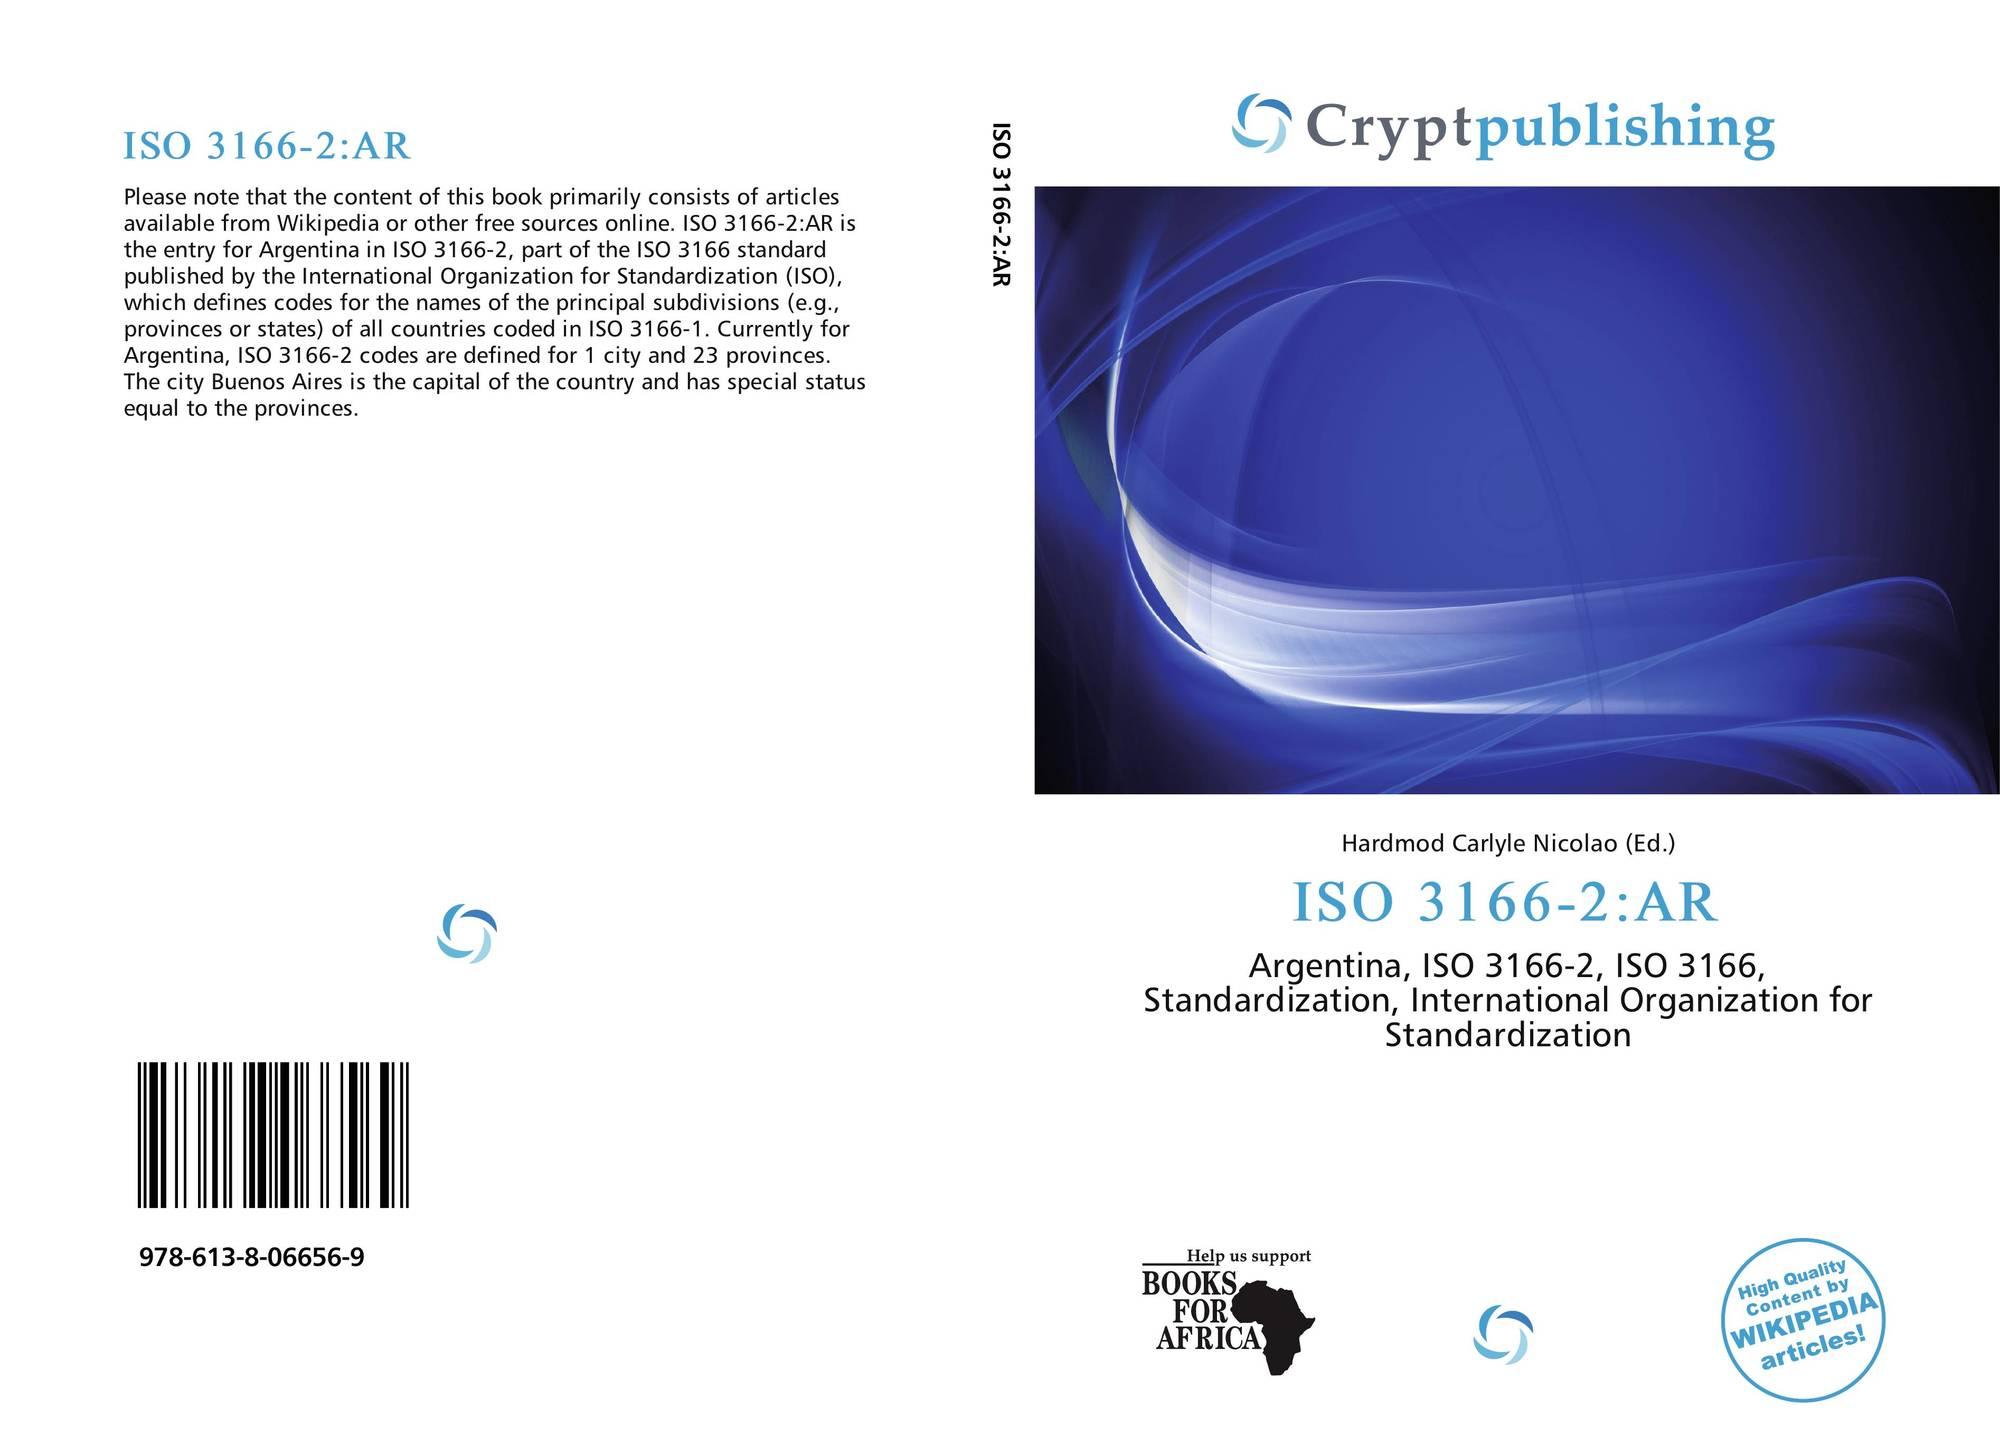 ISO 3166-2:AR